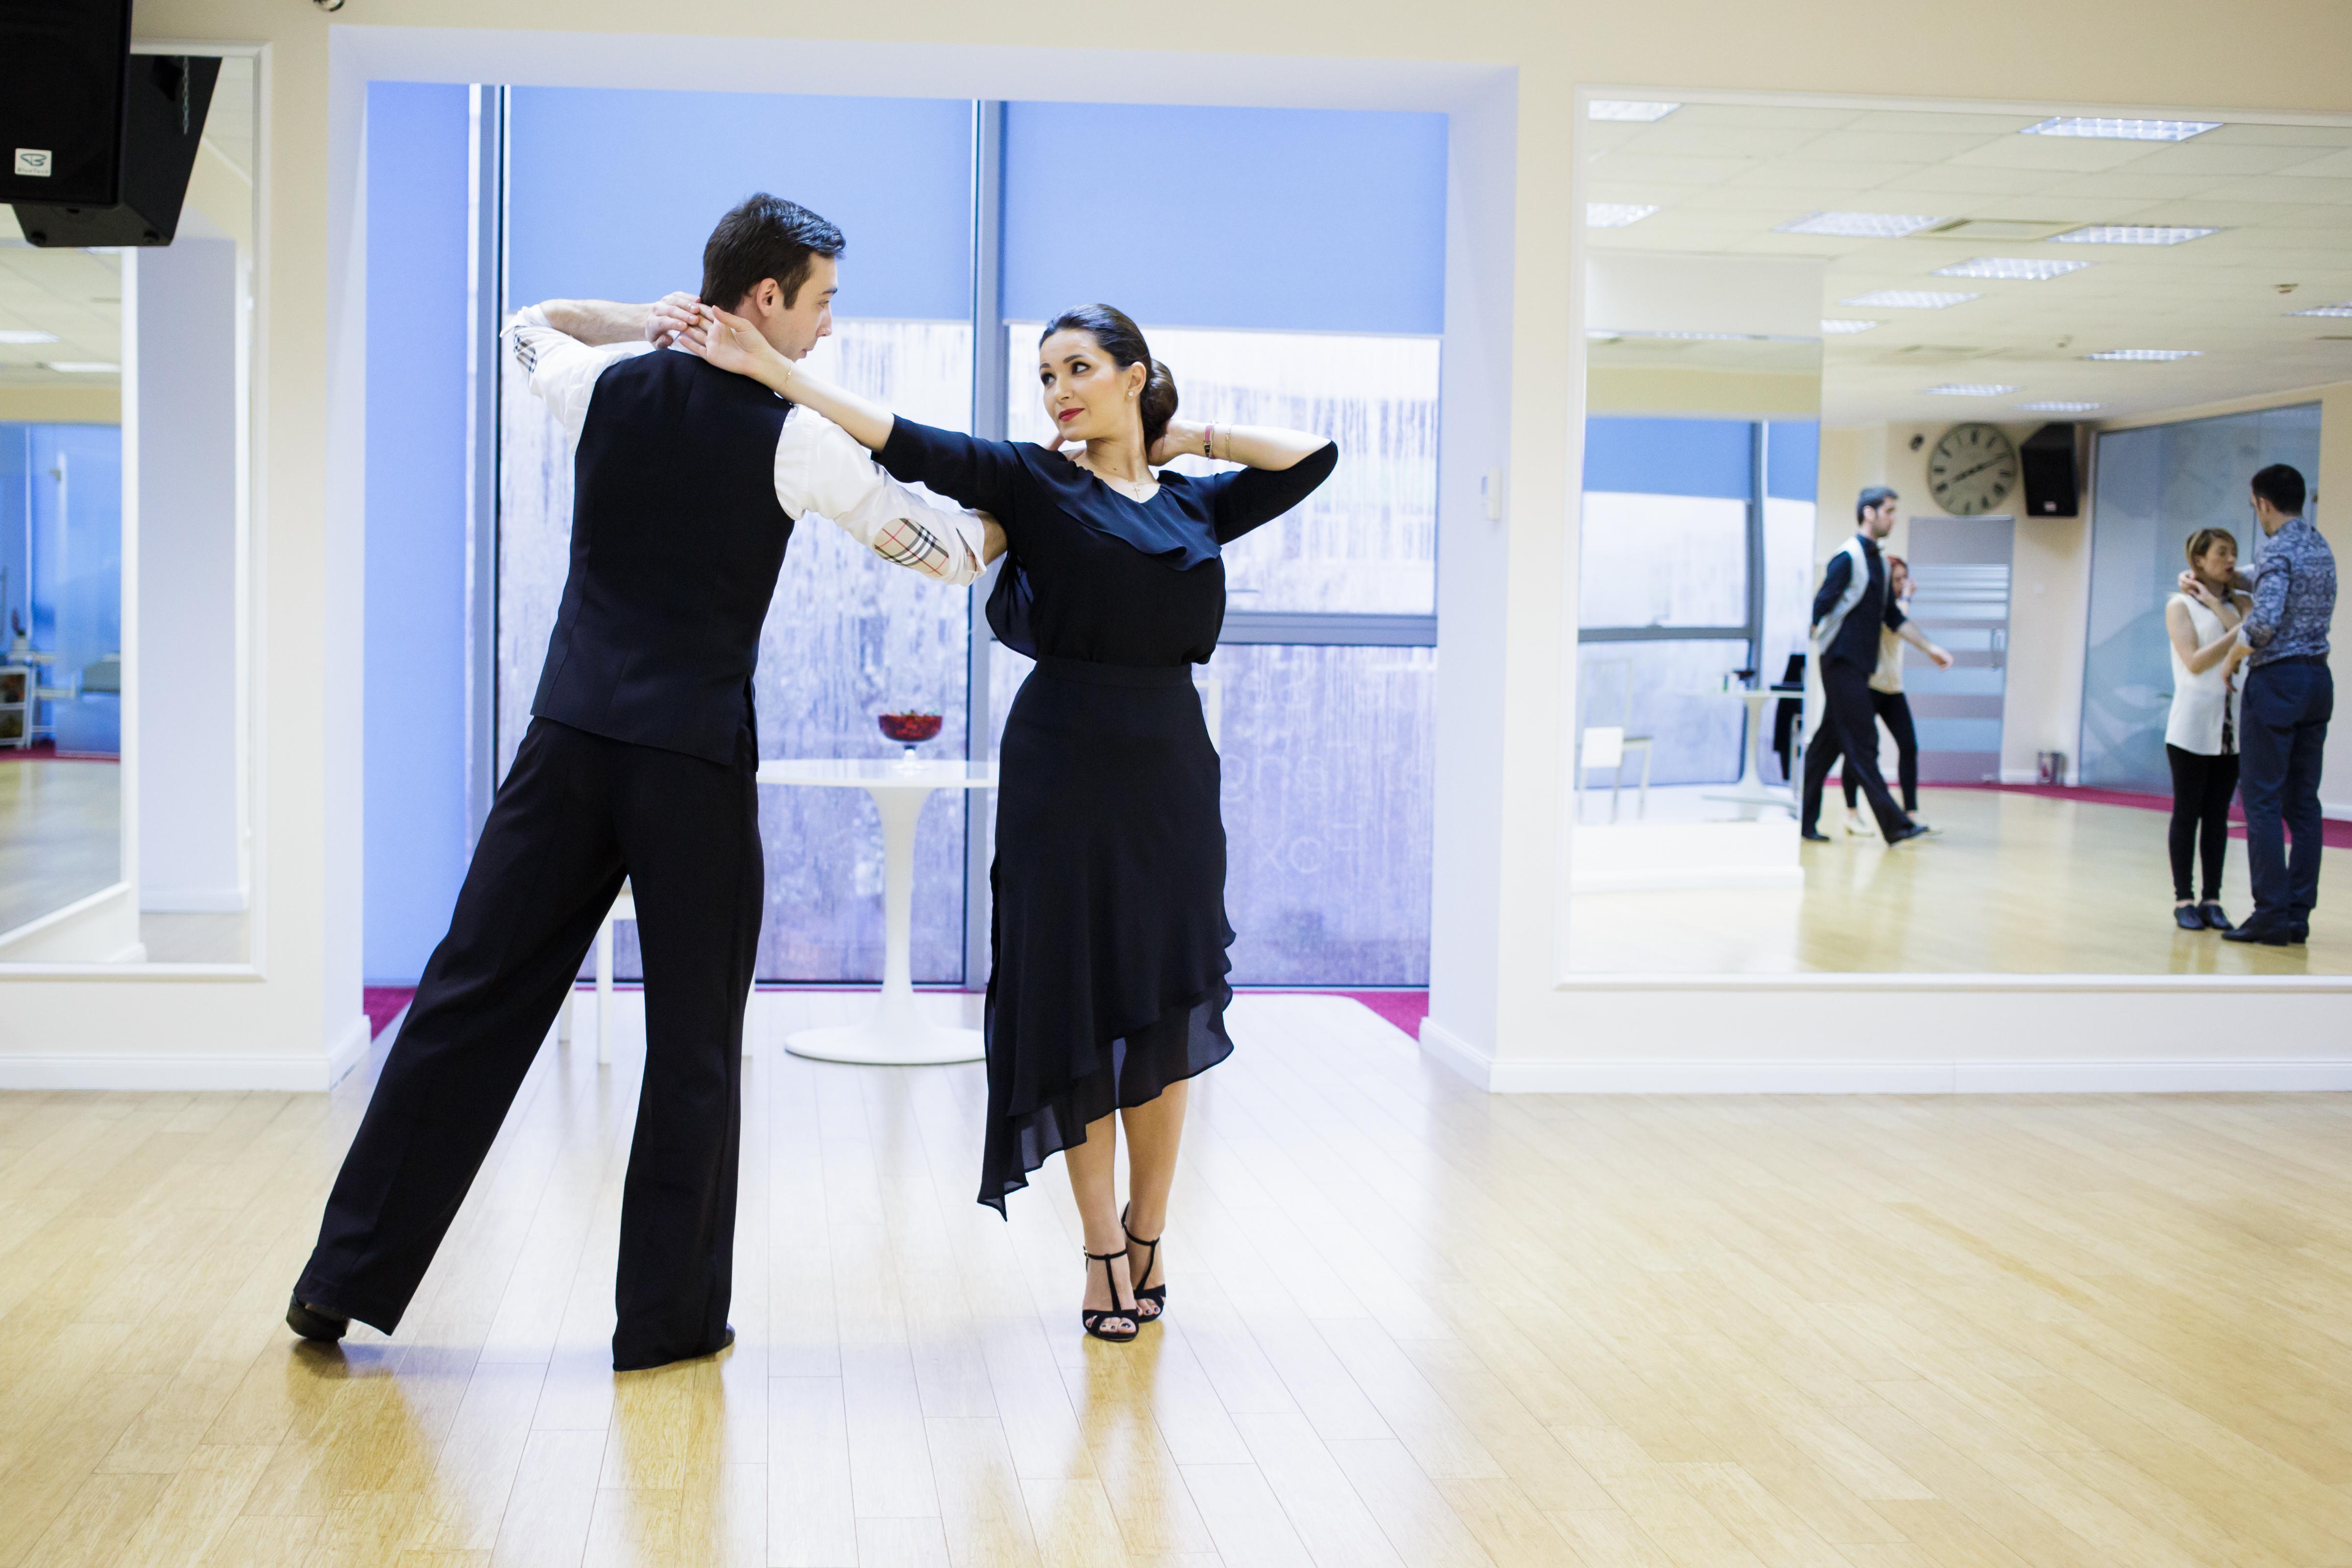 Tango si rumba sau de ce m-am mai indragostit in ultima vreme